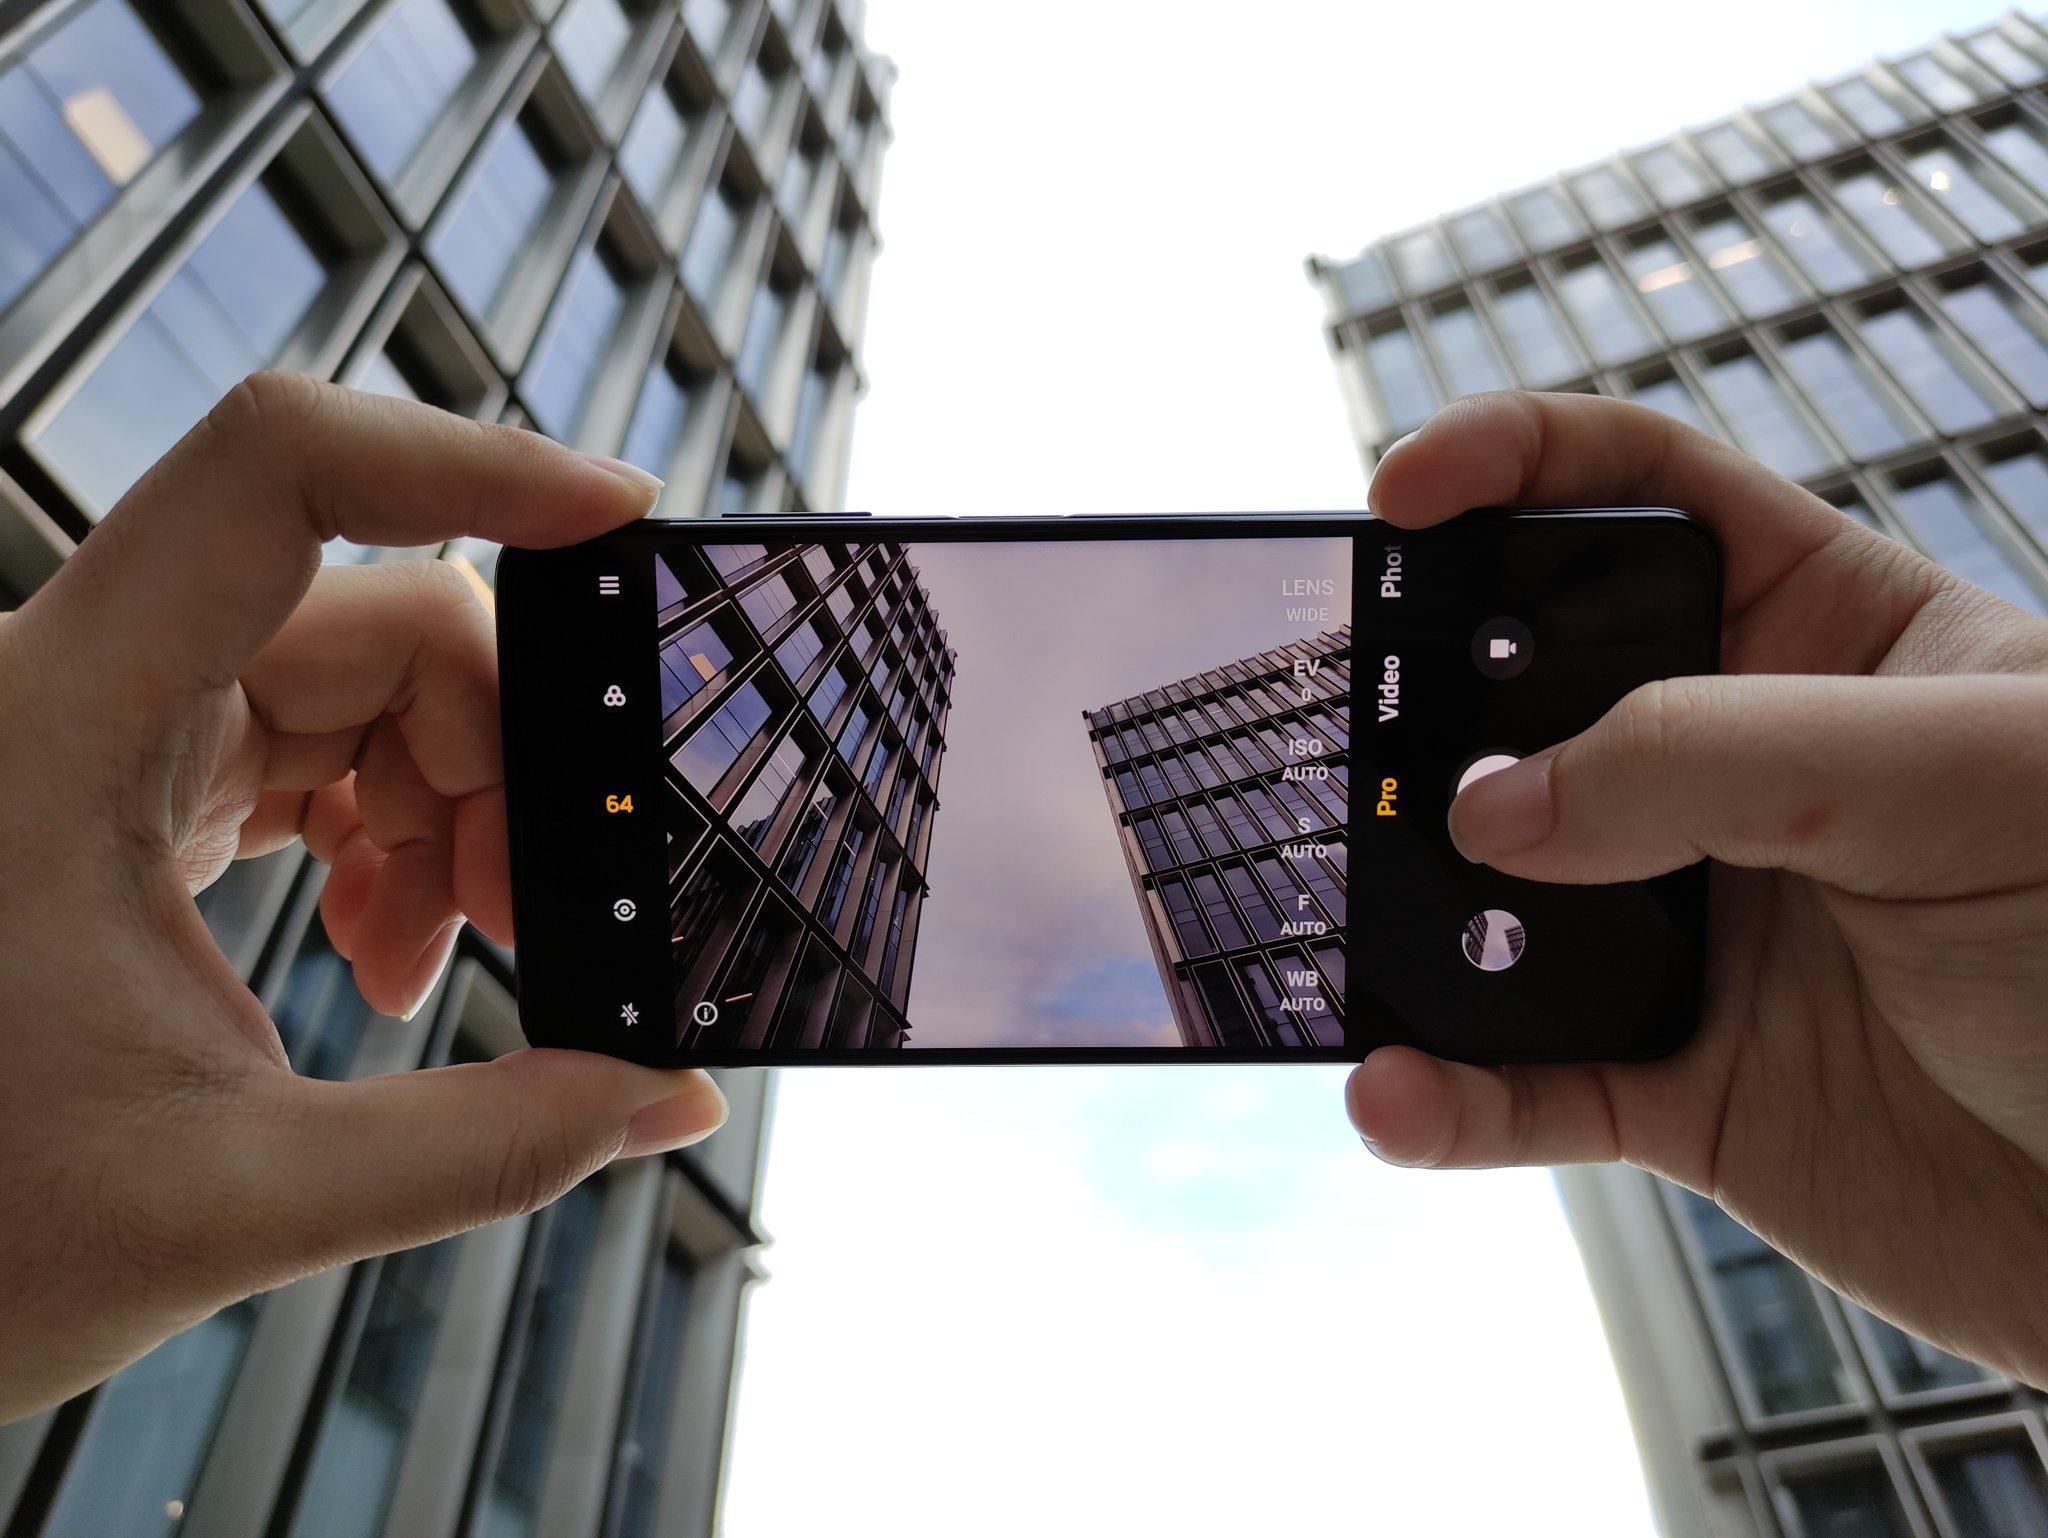 O POCO X3 contará com uma câmera primária de 64MP;  amostras reveladas 1